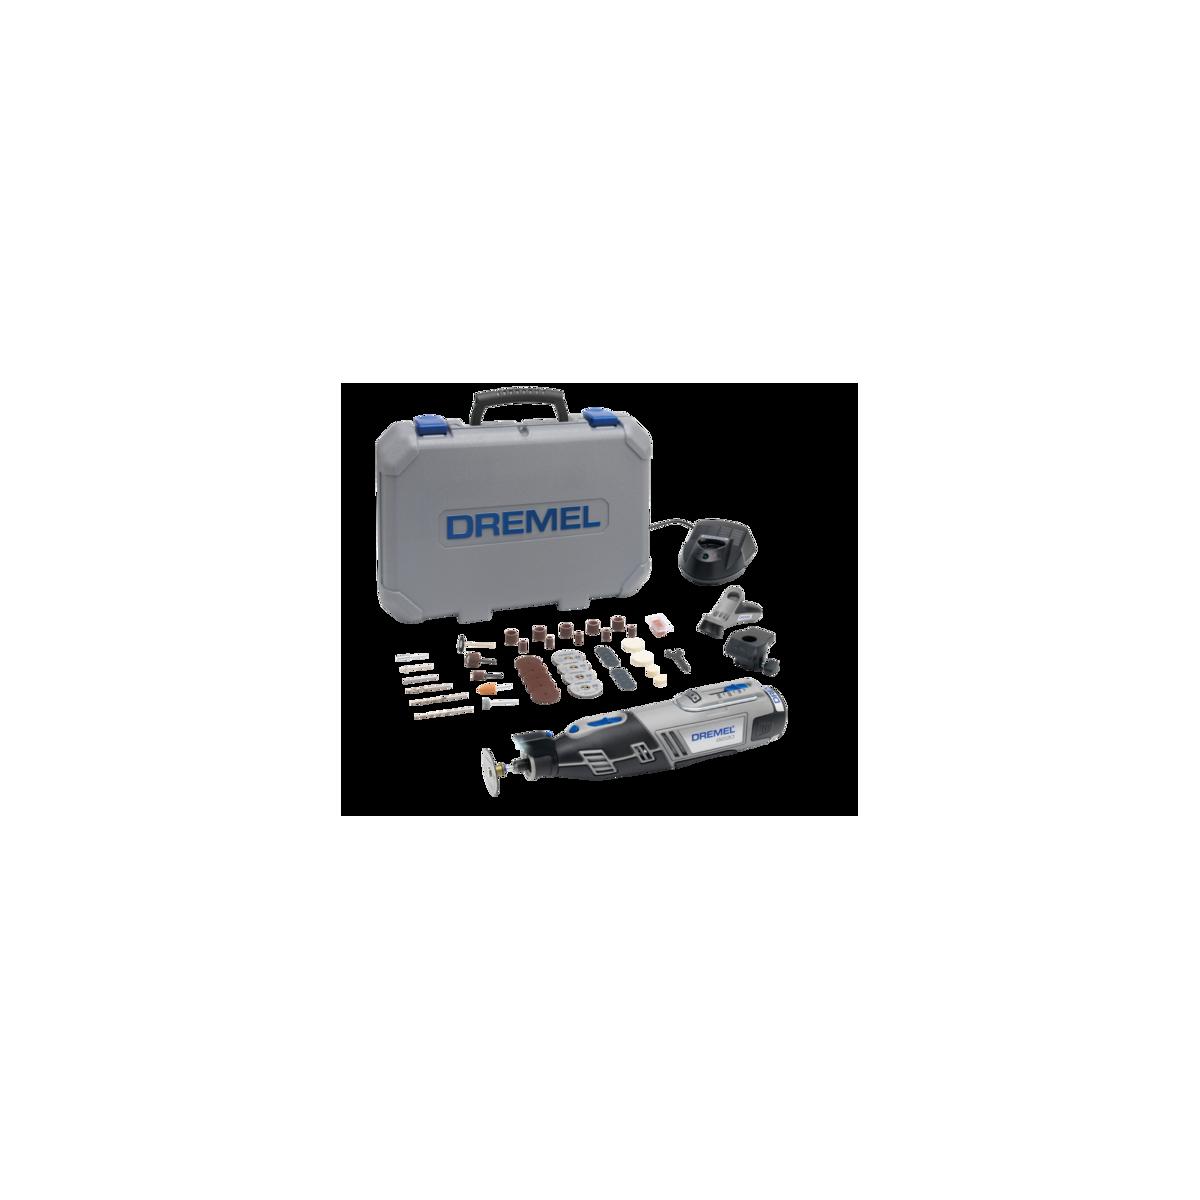 DREMEL Rotācijas instruments 8220-2/45 sērijas Li-ion 12V ar 45 piederumiem F0138220JF